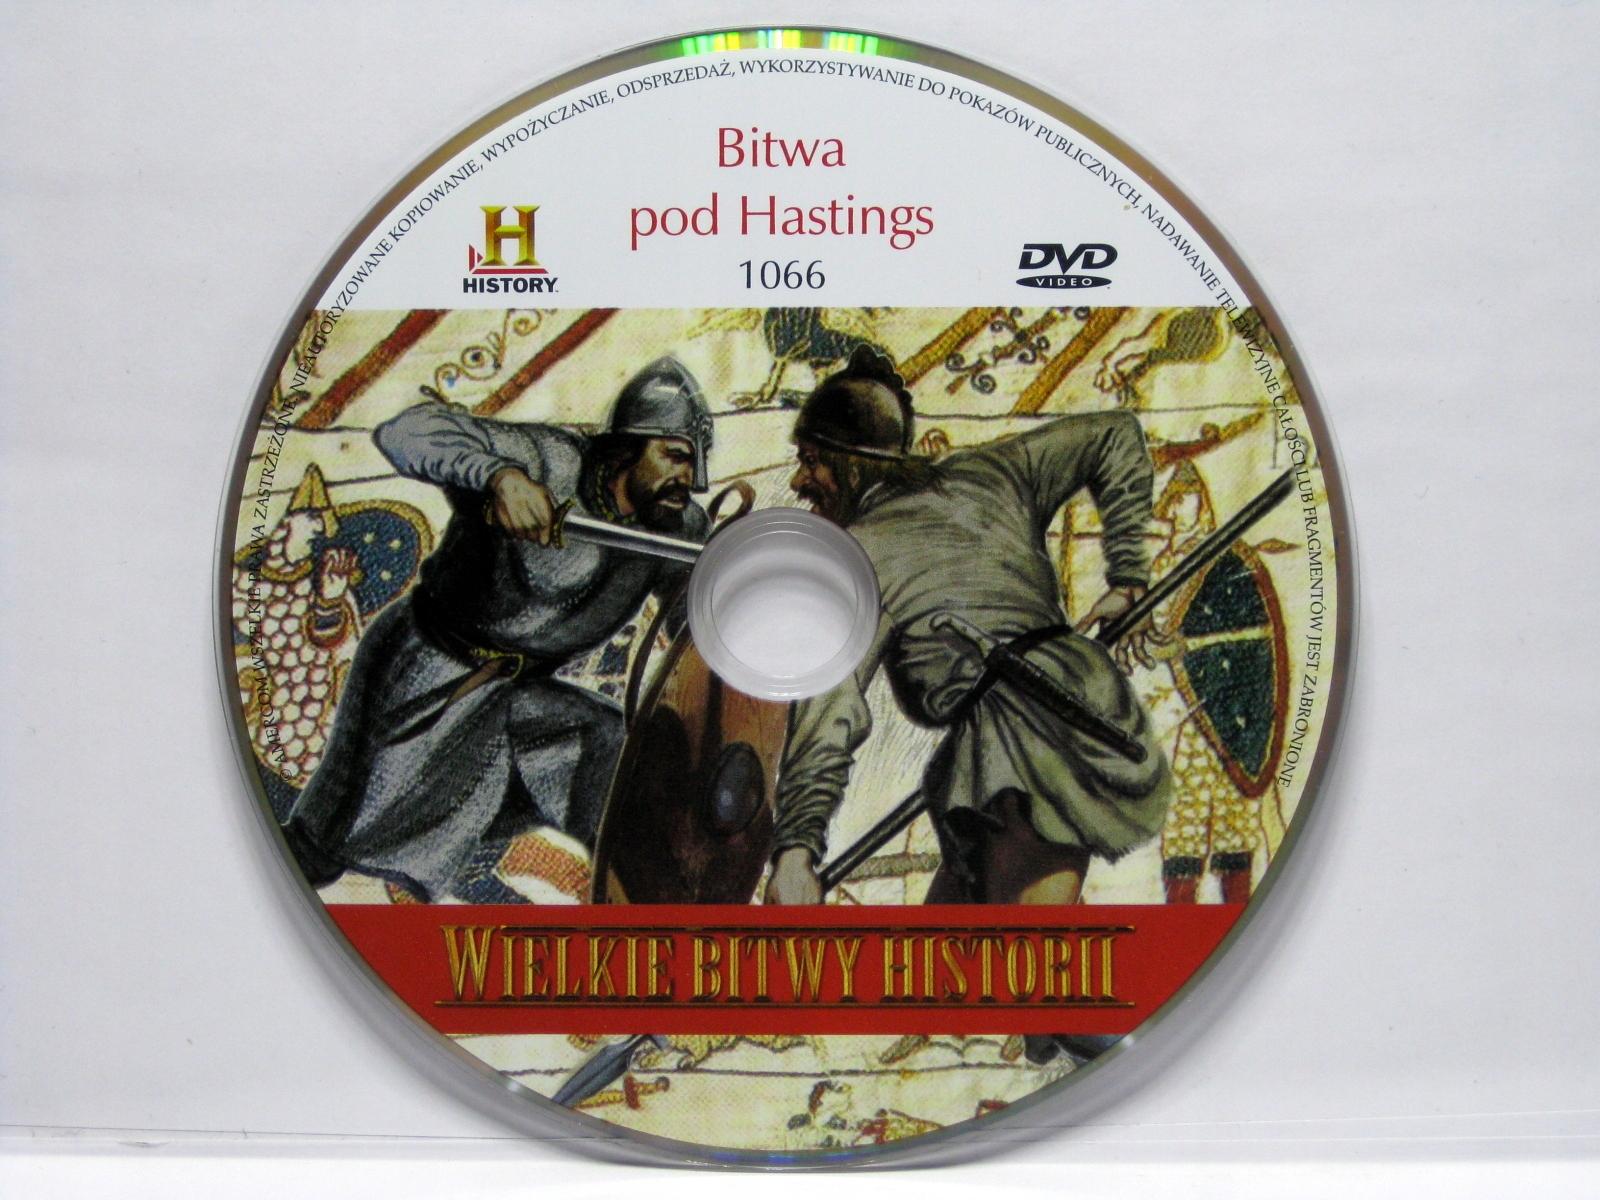 Wielkie bitwy historii - Bitwa pod Hastings